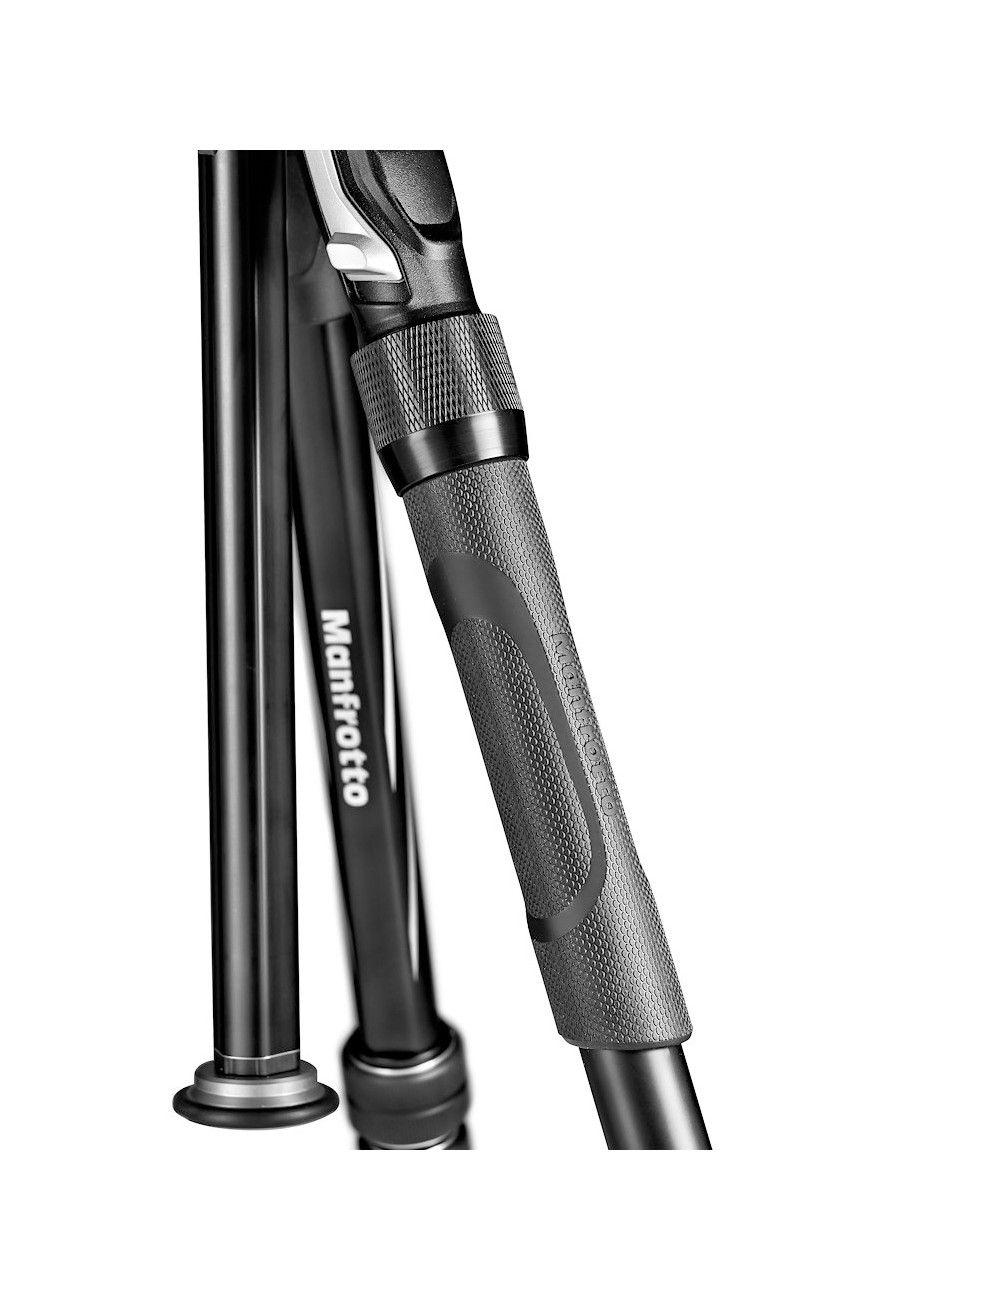 Iluminus Cargador Doble Alternativo para Baterías Canon LP-E10 - USB